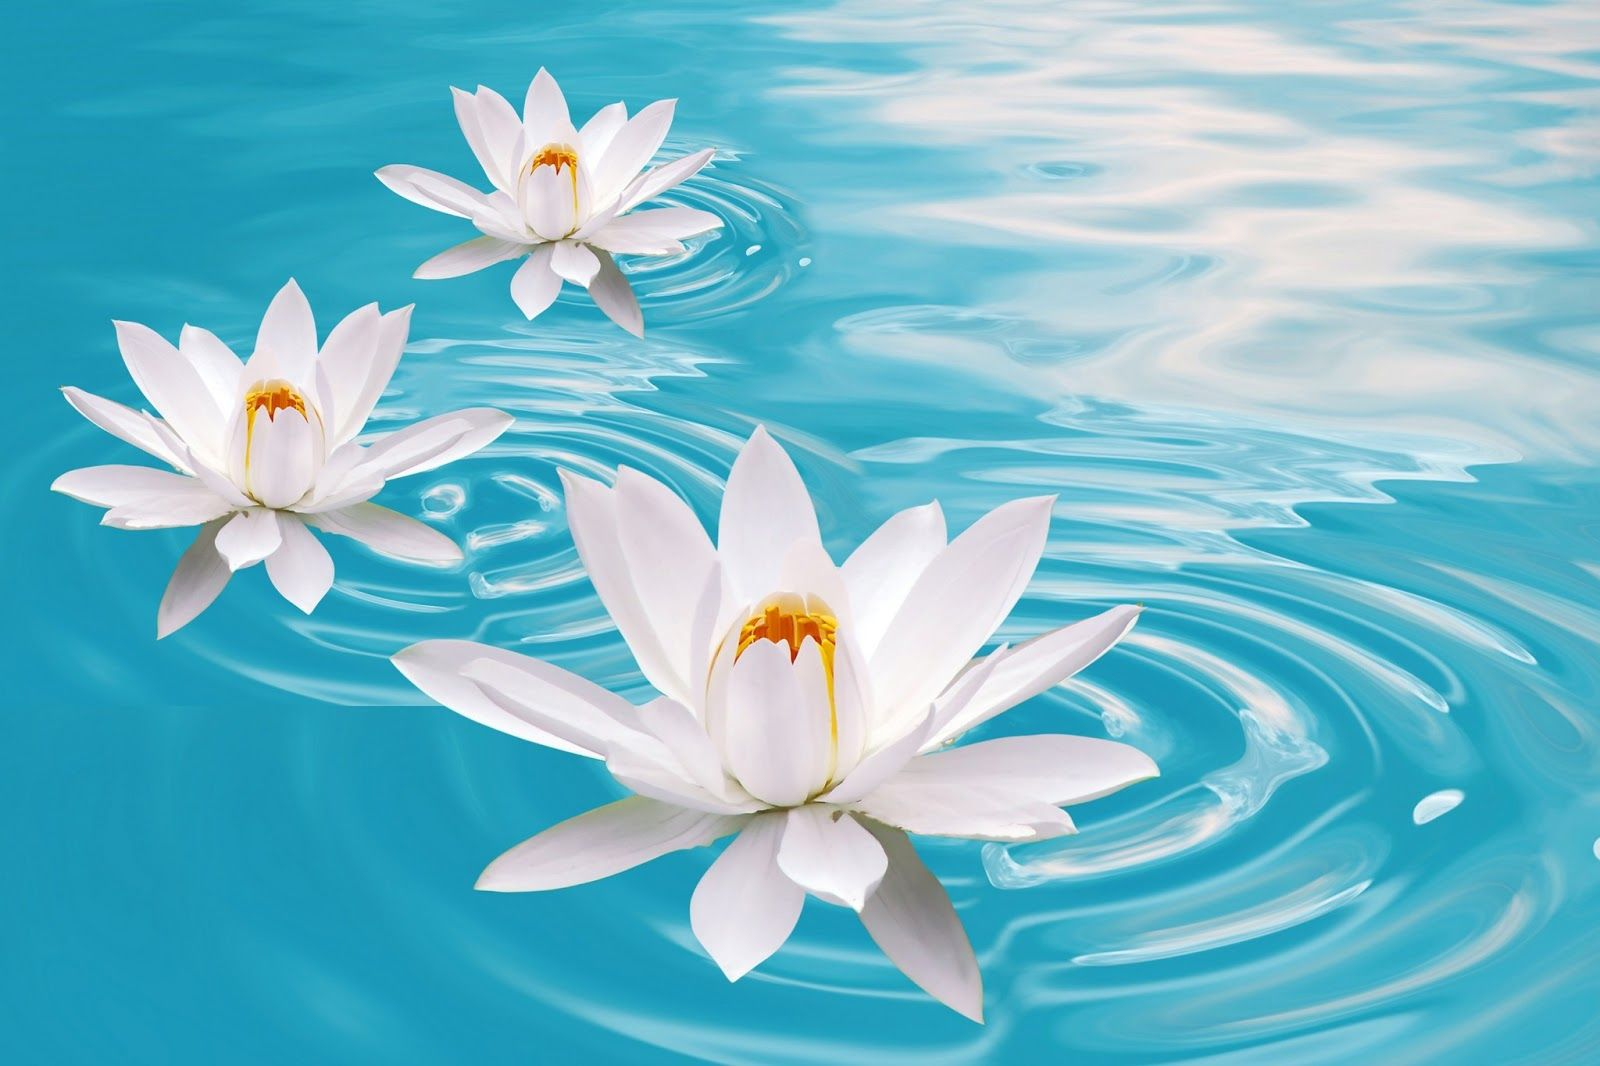 Flower Wallpaper Lotus Wallpaper flower desktop HD Desktop HD